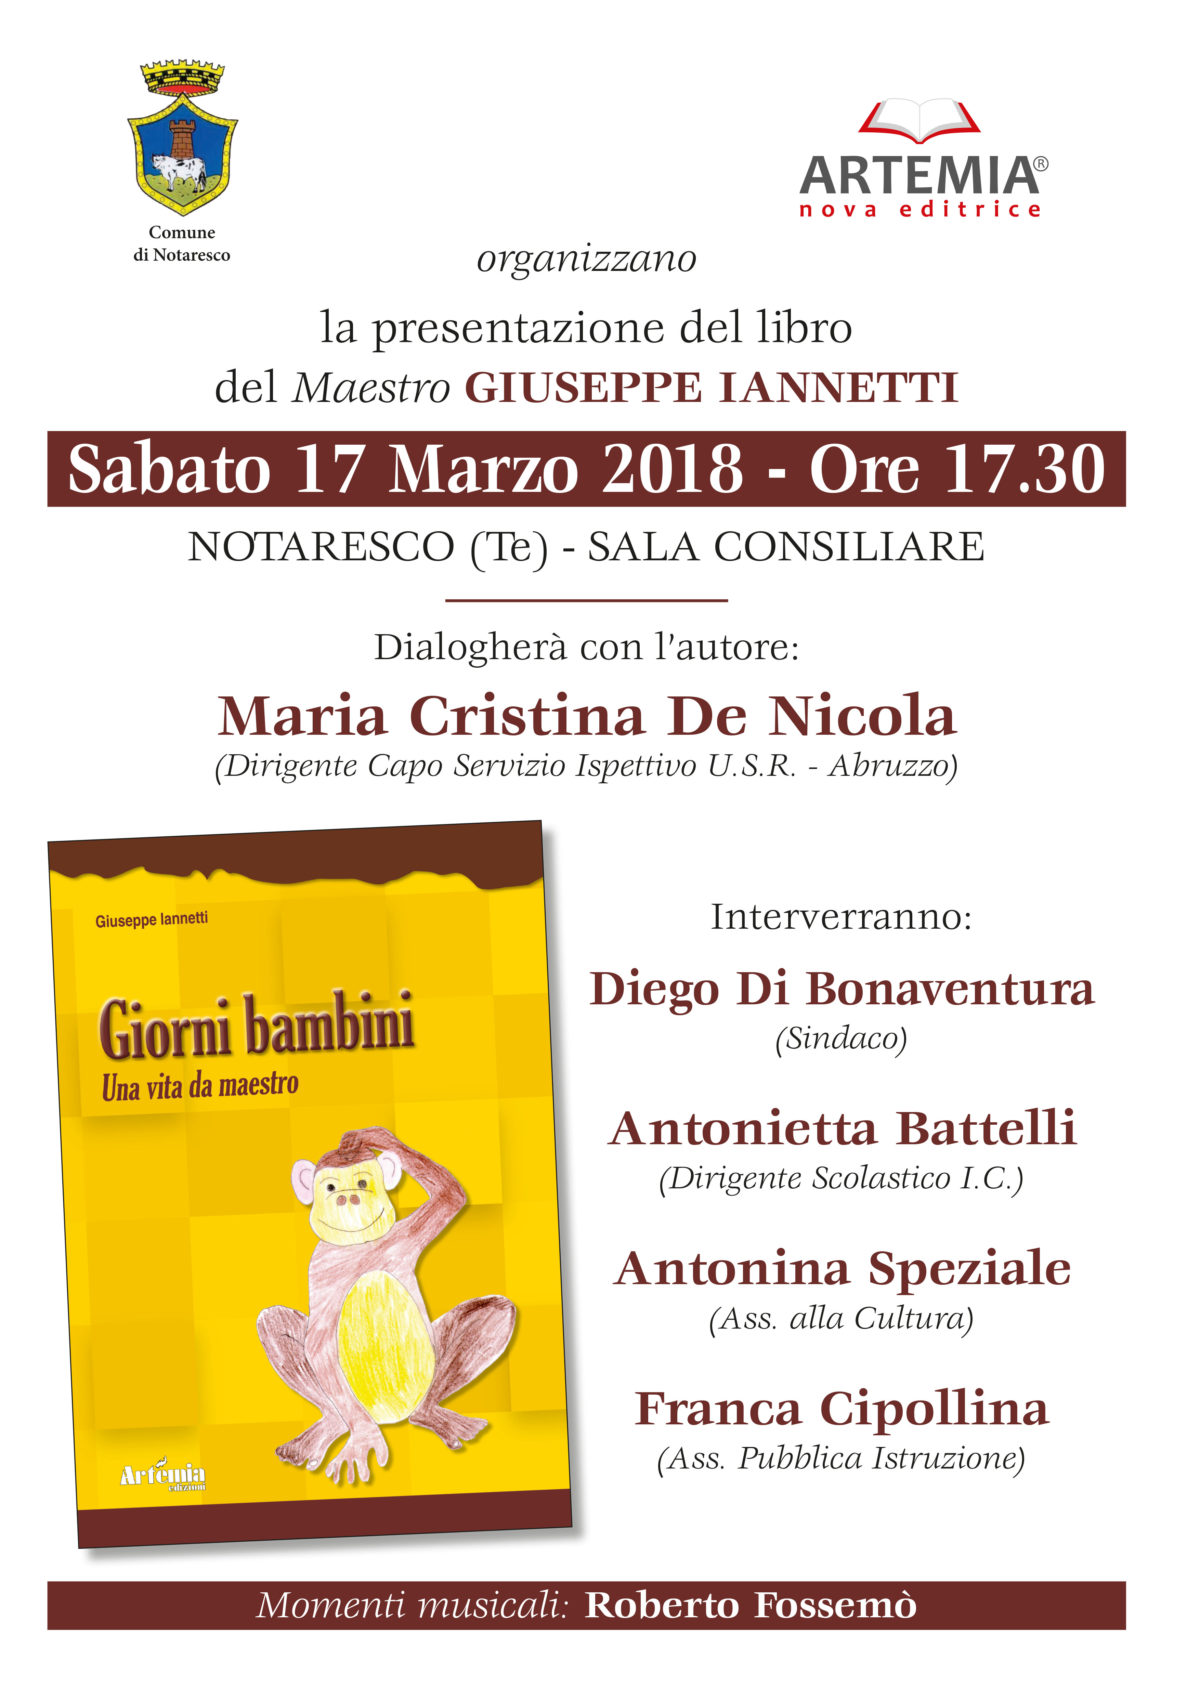 """Notaresco, presentazione del libro """"Giorni bambini""""di Giuseppe Iannetti"""